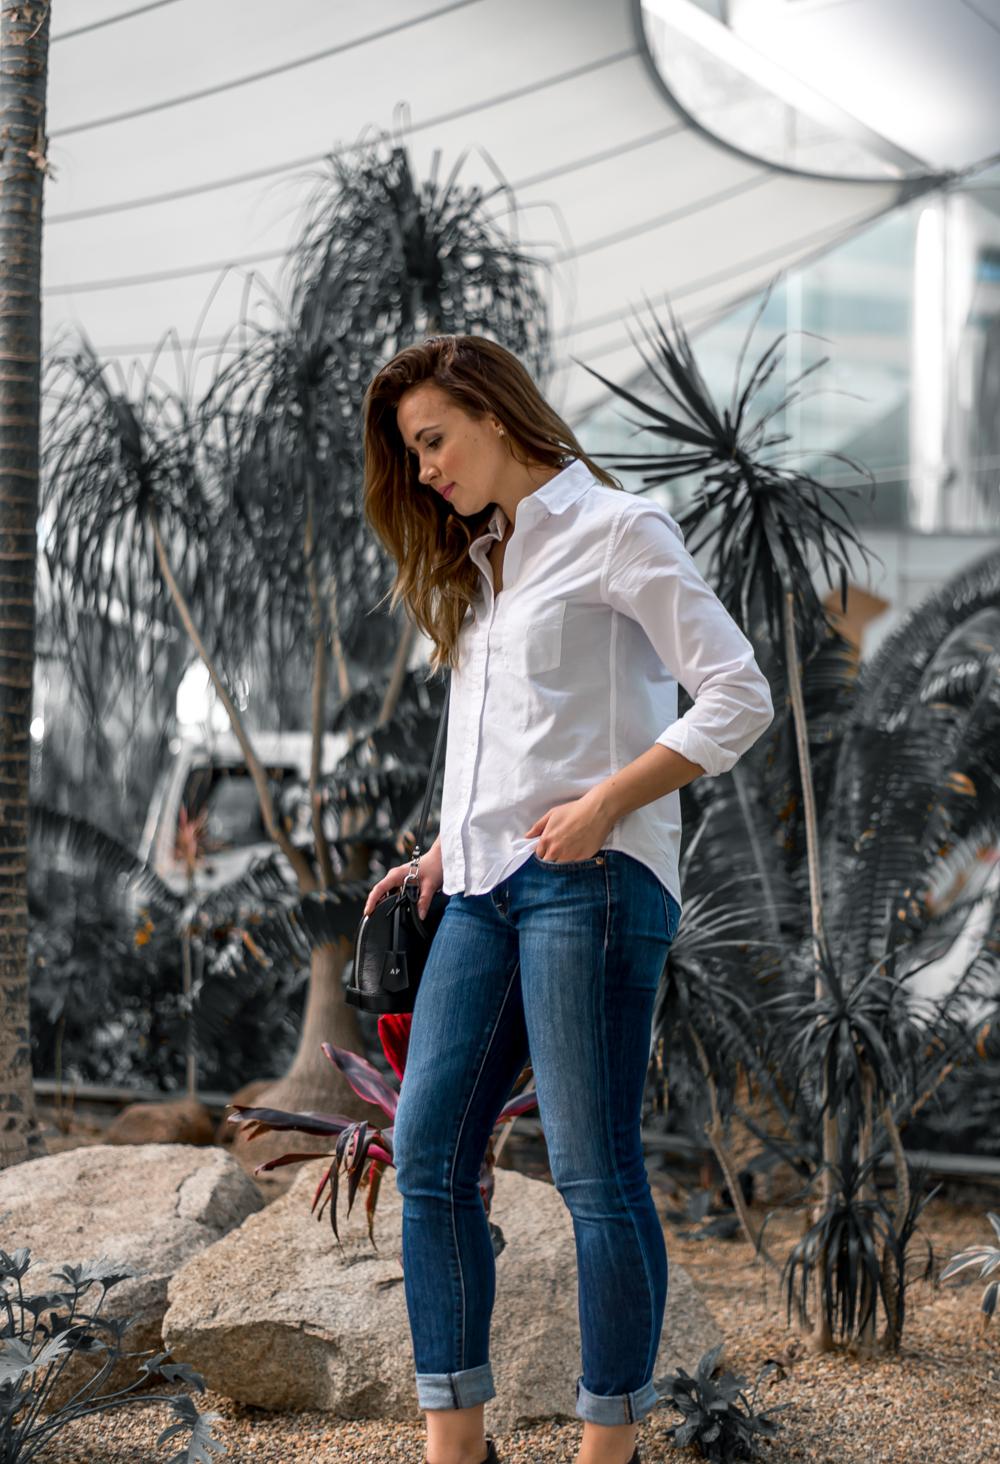 Classic white shirt and denim